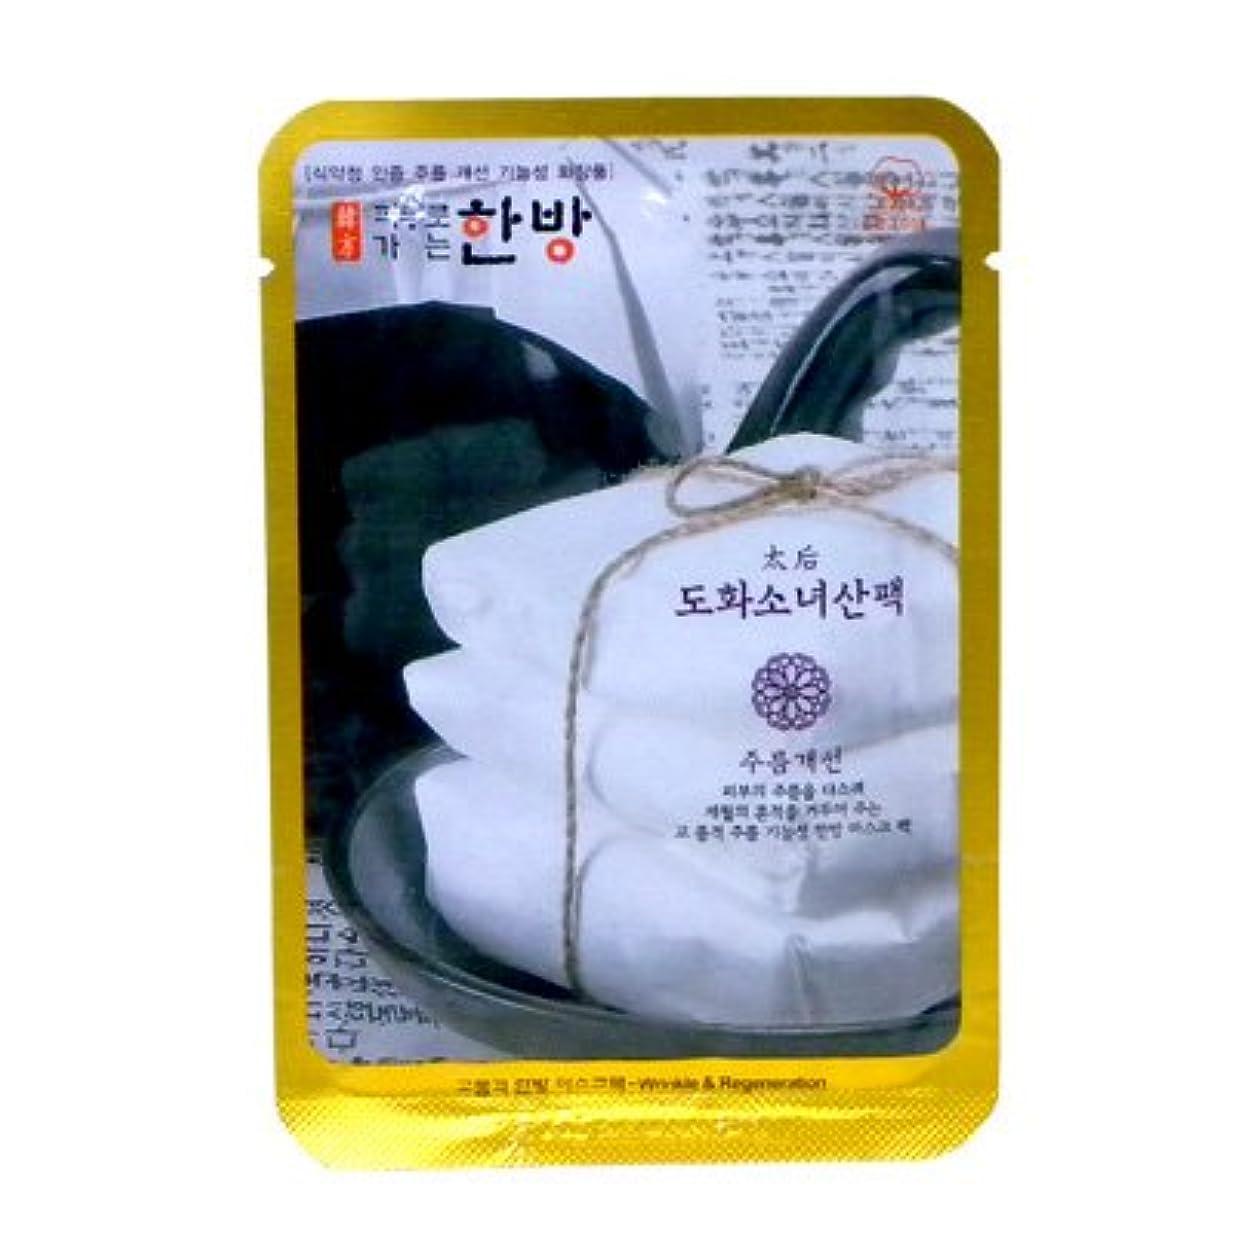 空白香水怠感韓方マスク エルエス パック AW (高級セレブ肌?老化肌ケア)